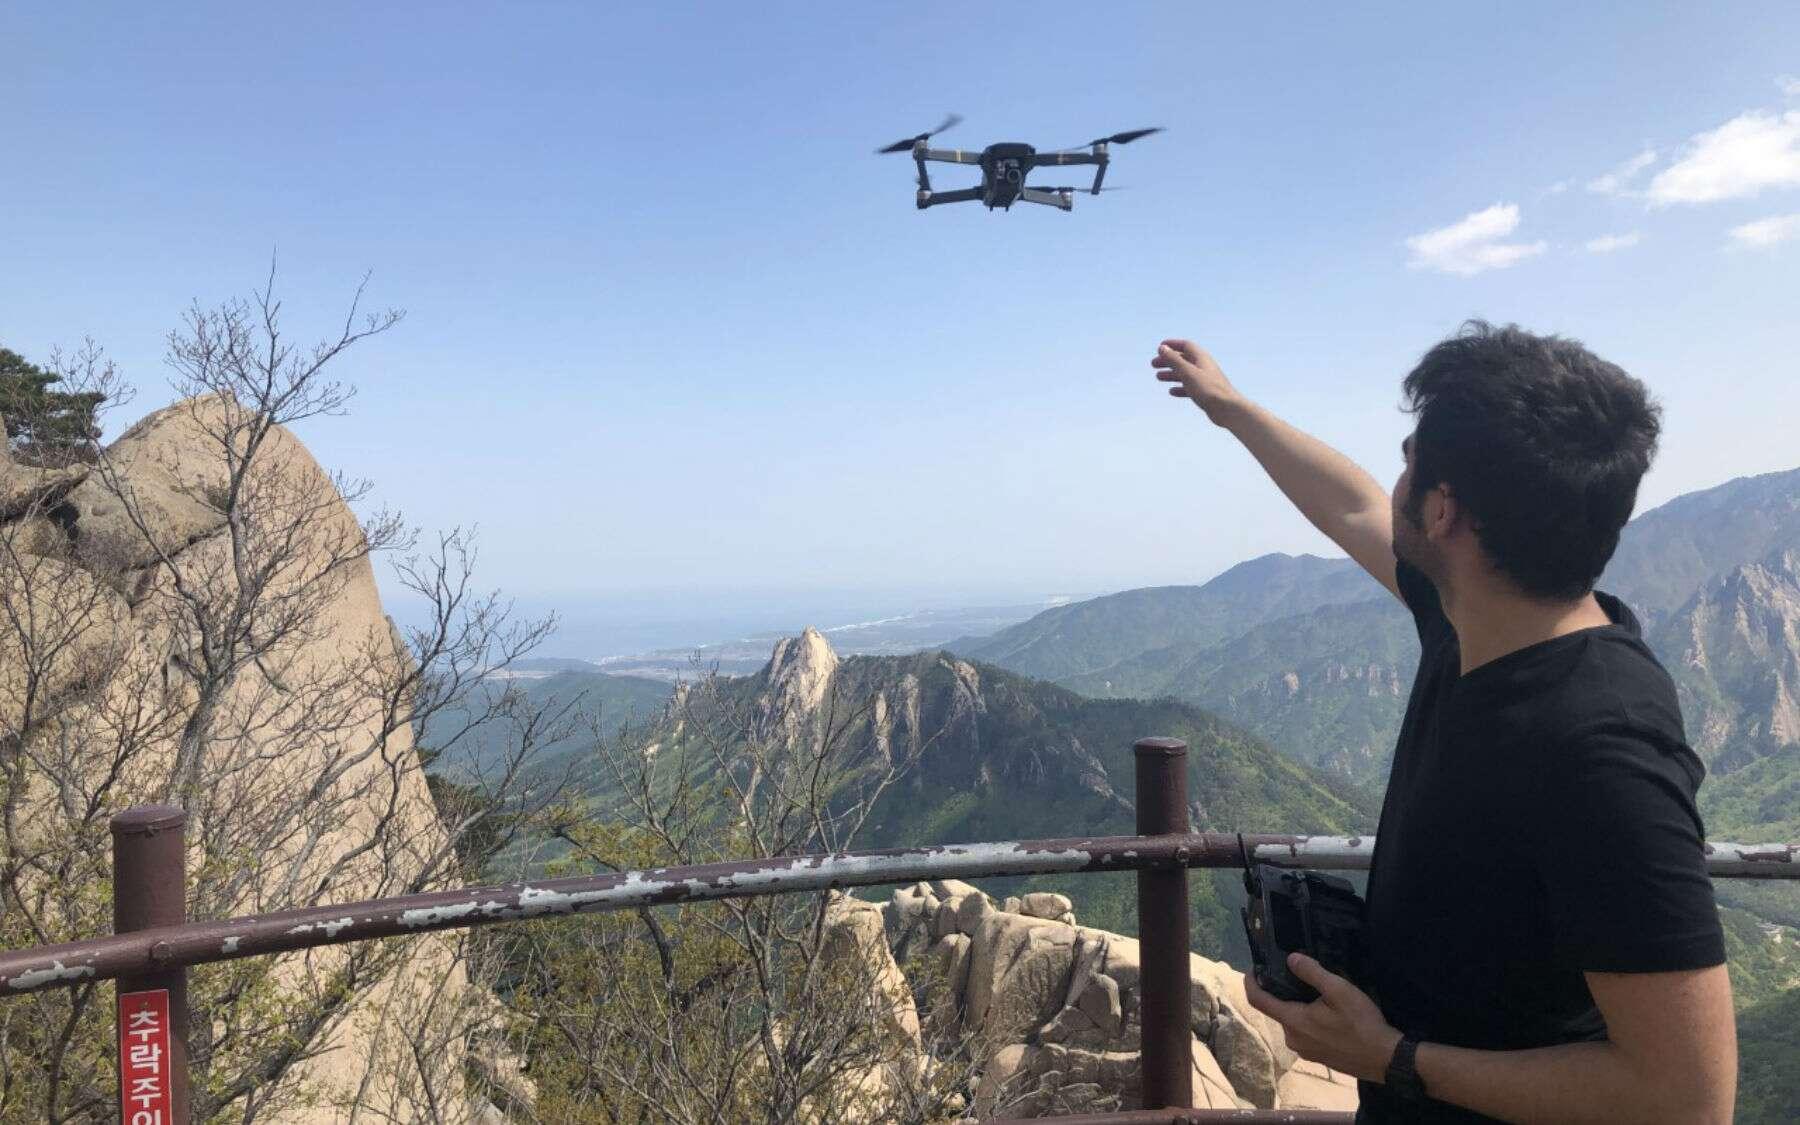 David Bocarra, étudiant à l'école d'ingénieur ESME Sudria, se passionne pour les drones et l'impression 3D. © David Boccara